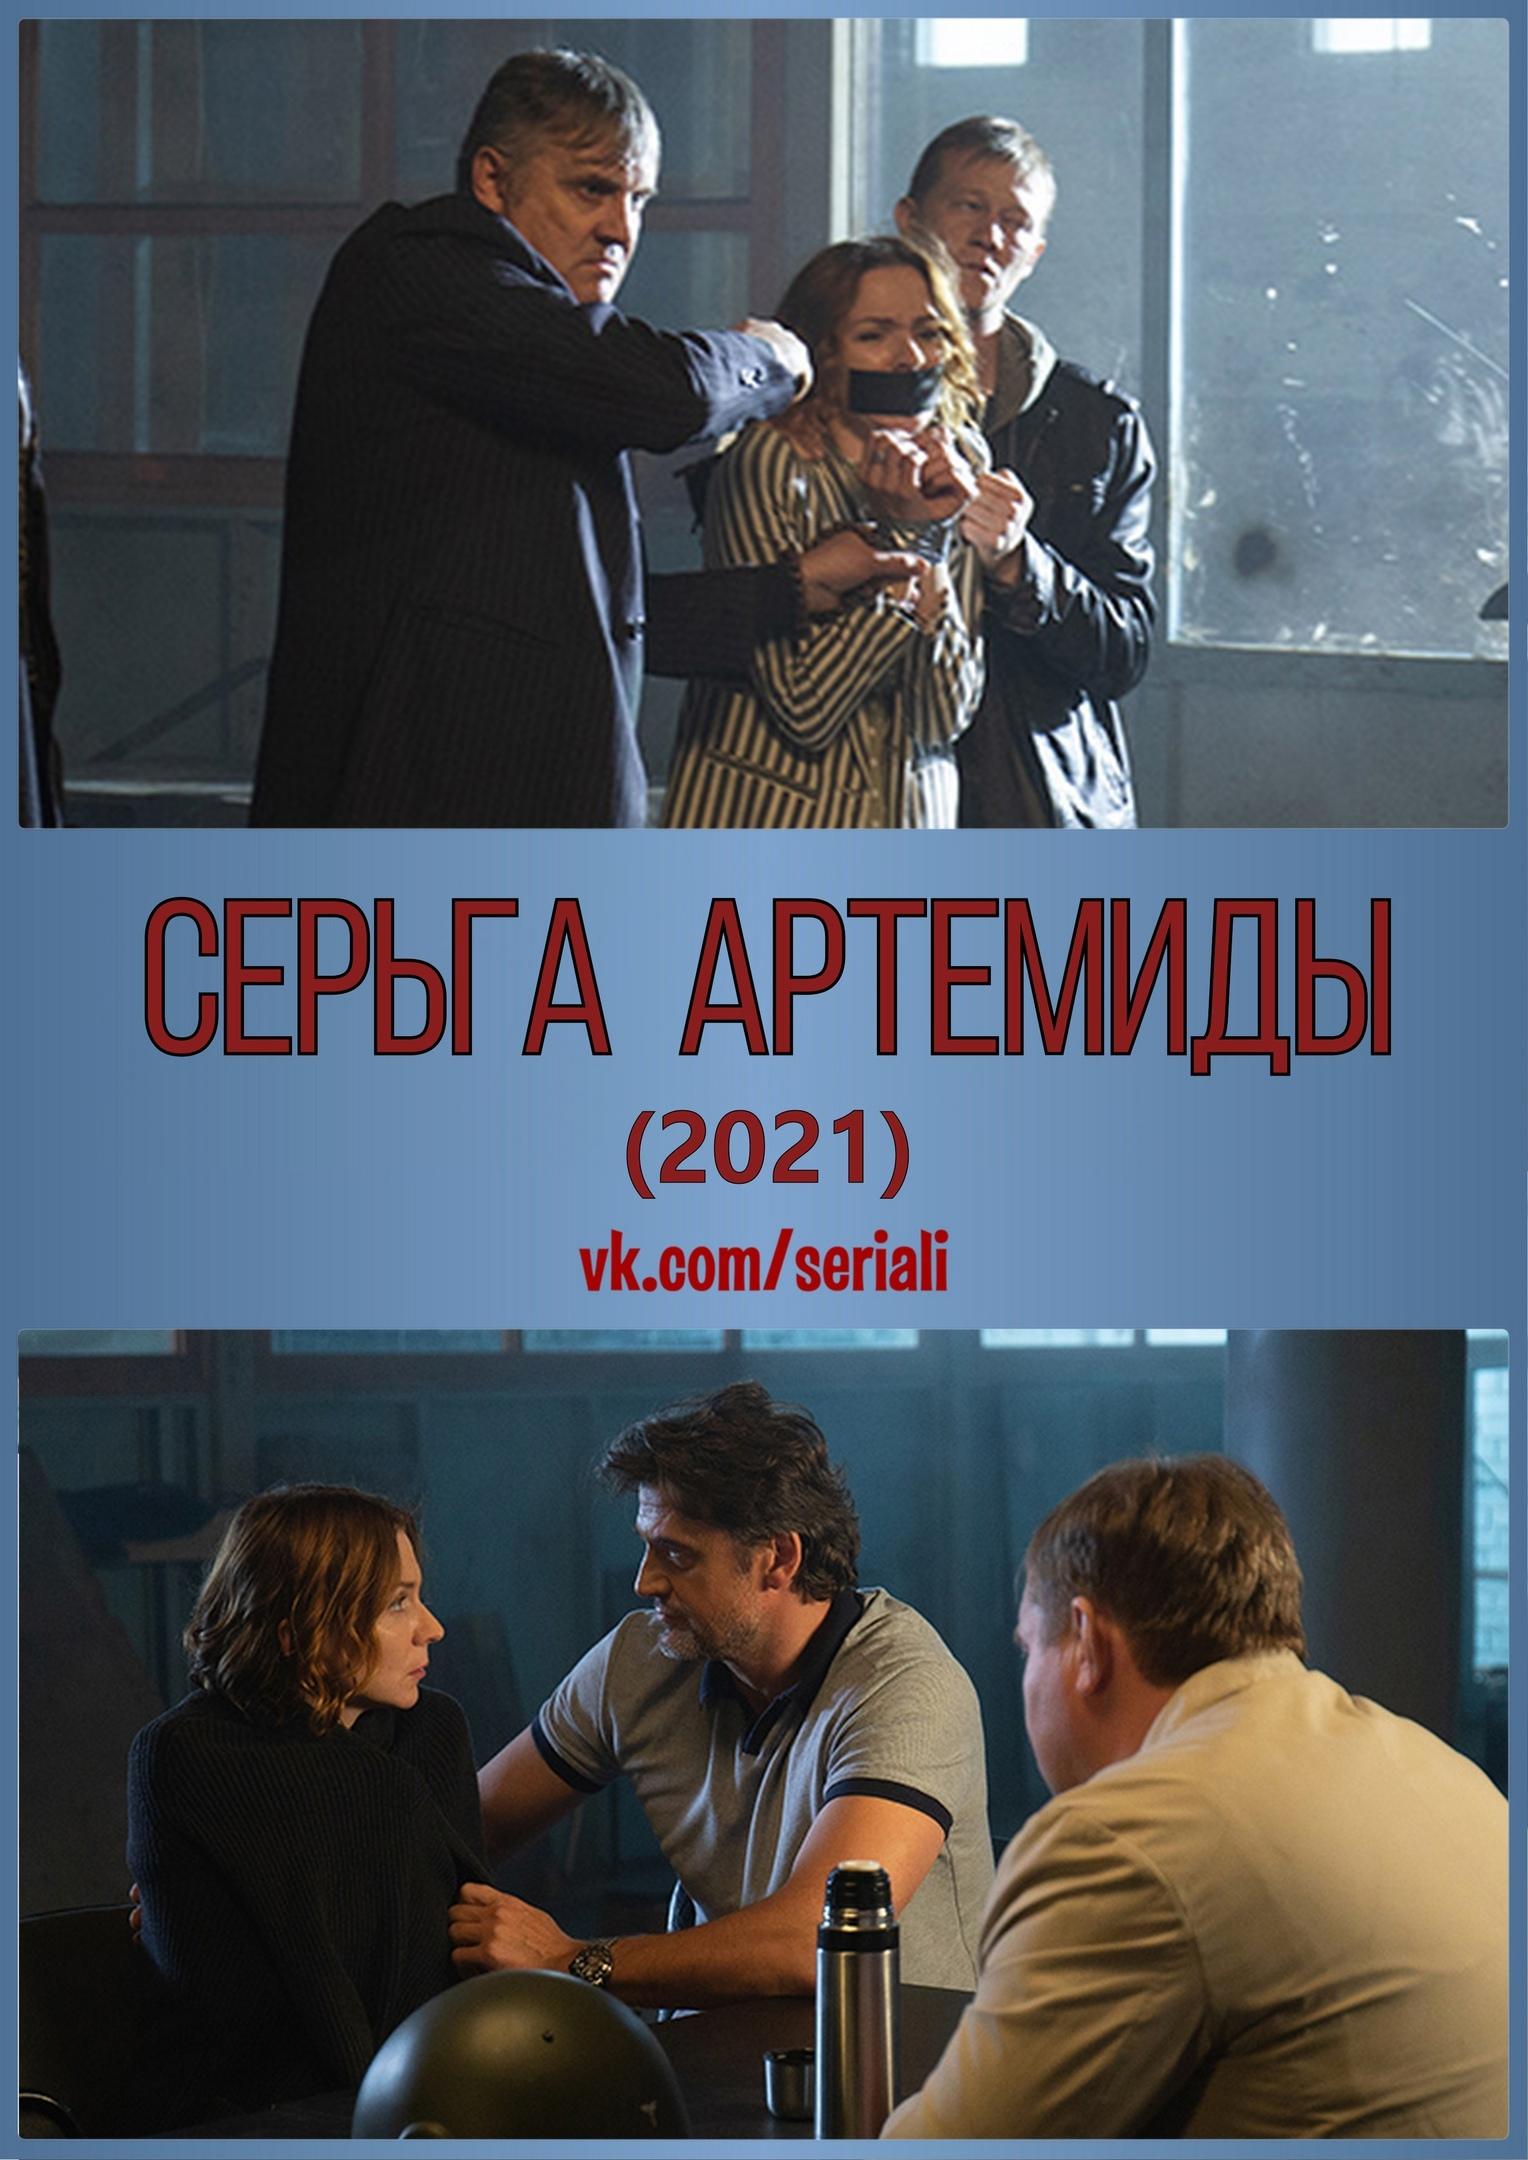 Детектив «Cepьгa Apтeмиды» (2021) 1-4 серия из 4 HD